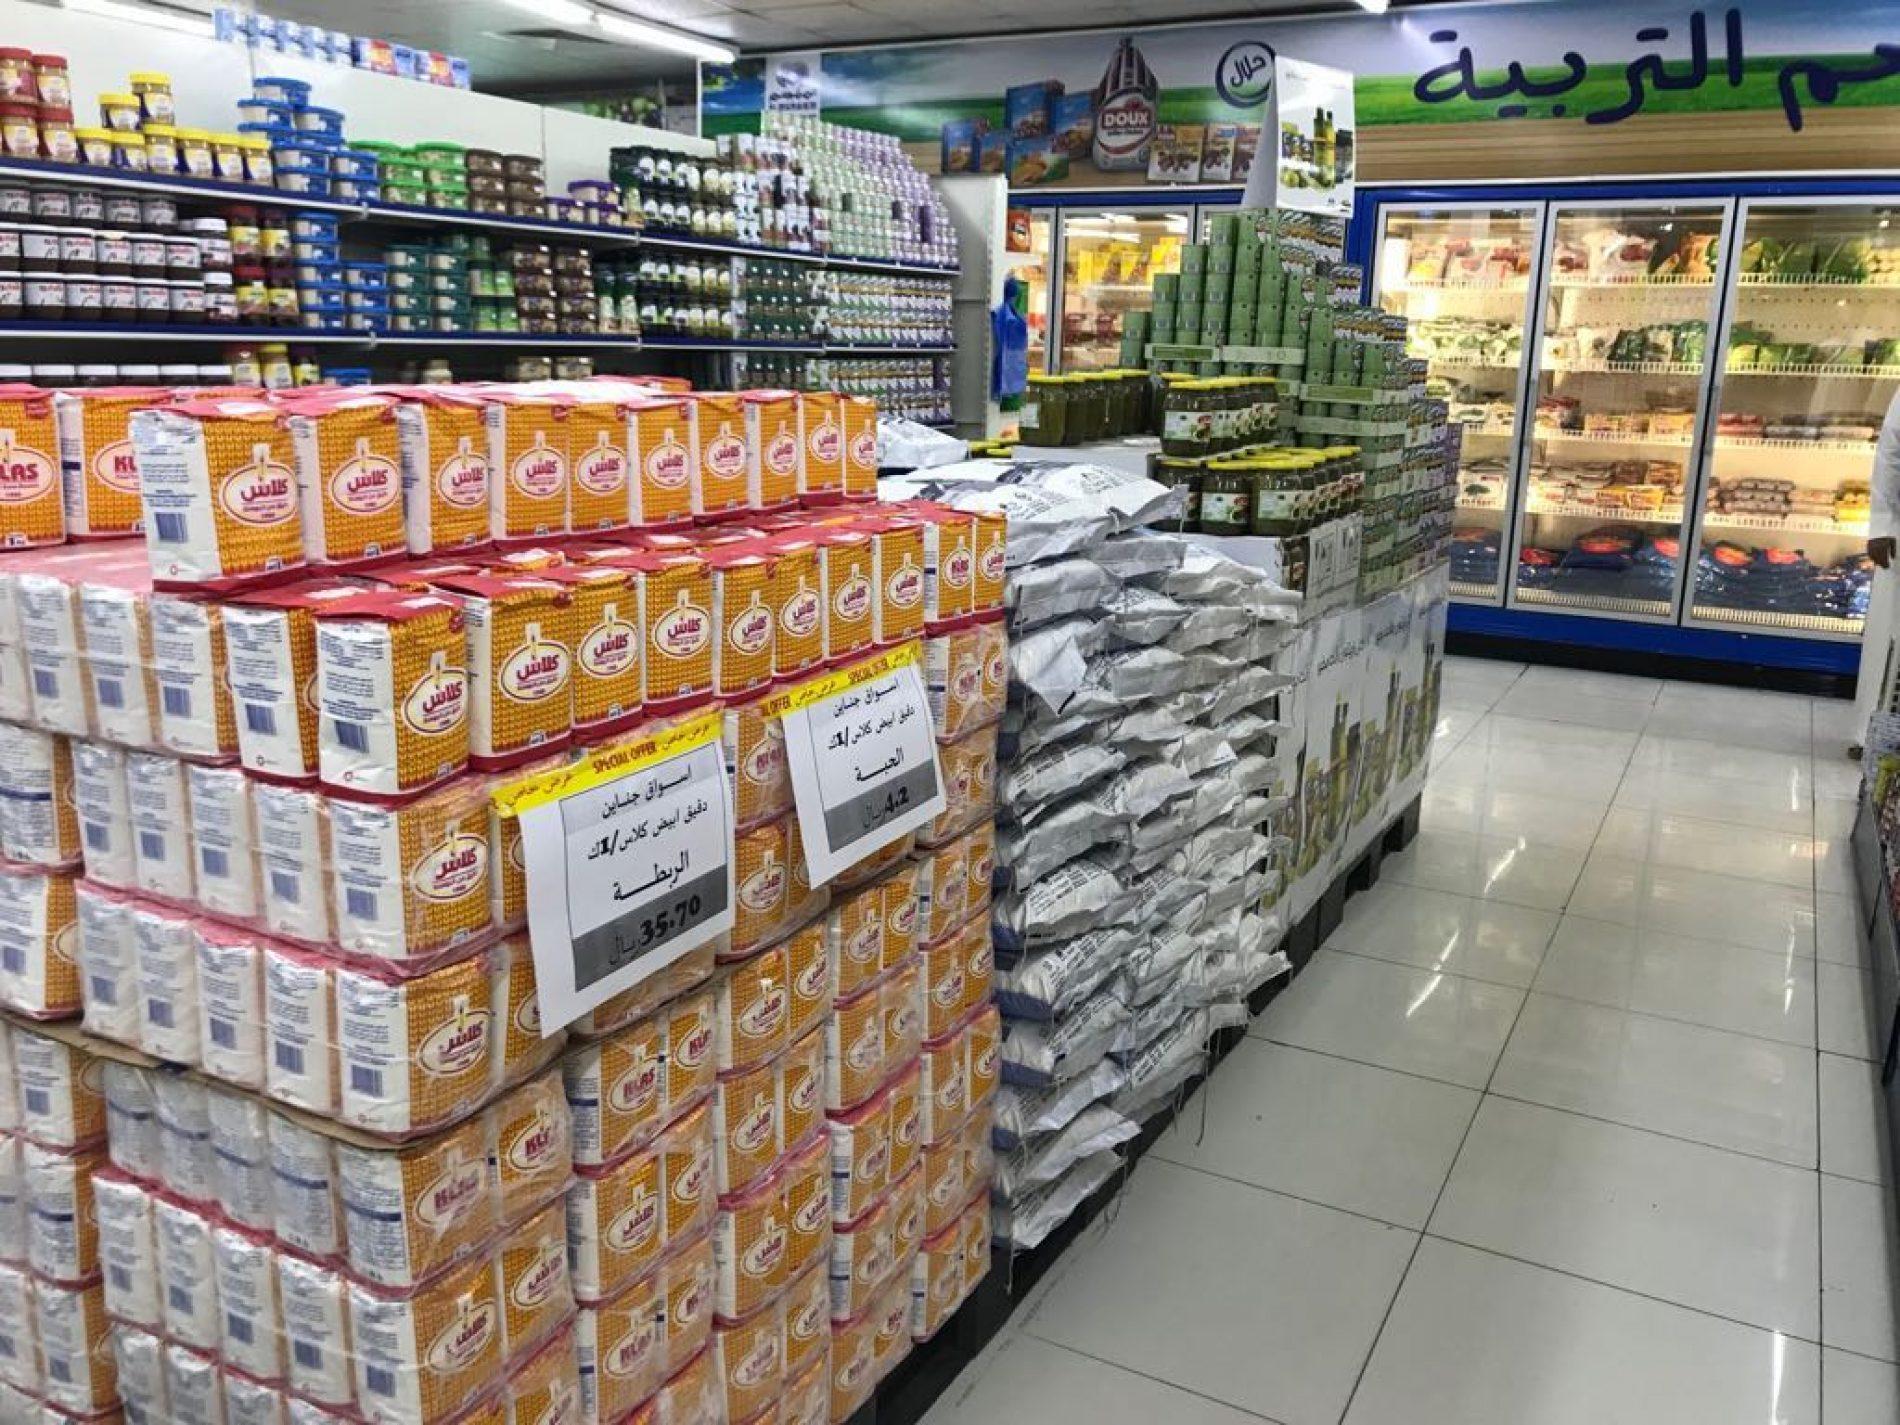 Klasovo brašno po prvi put u Saudijskoj Arabiji